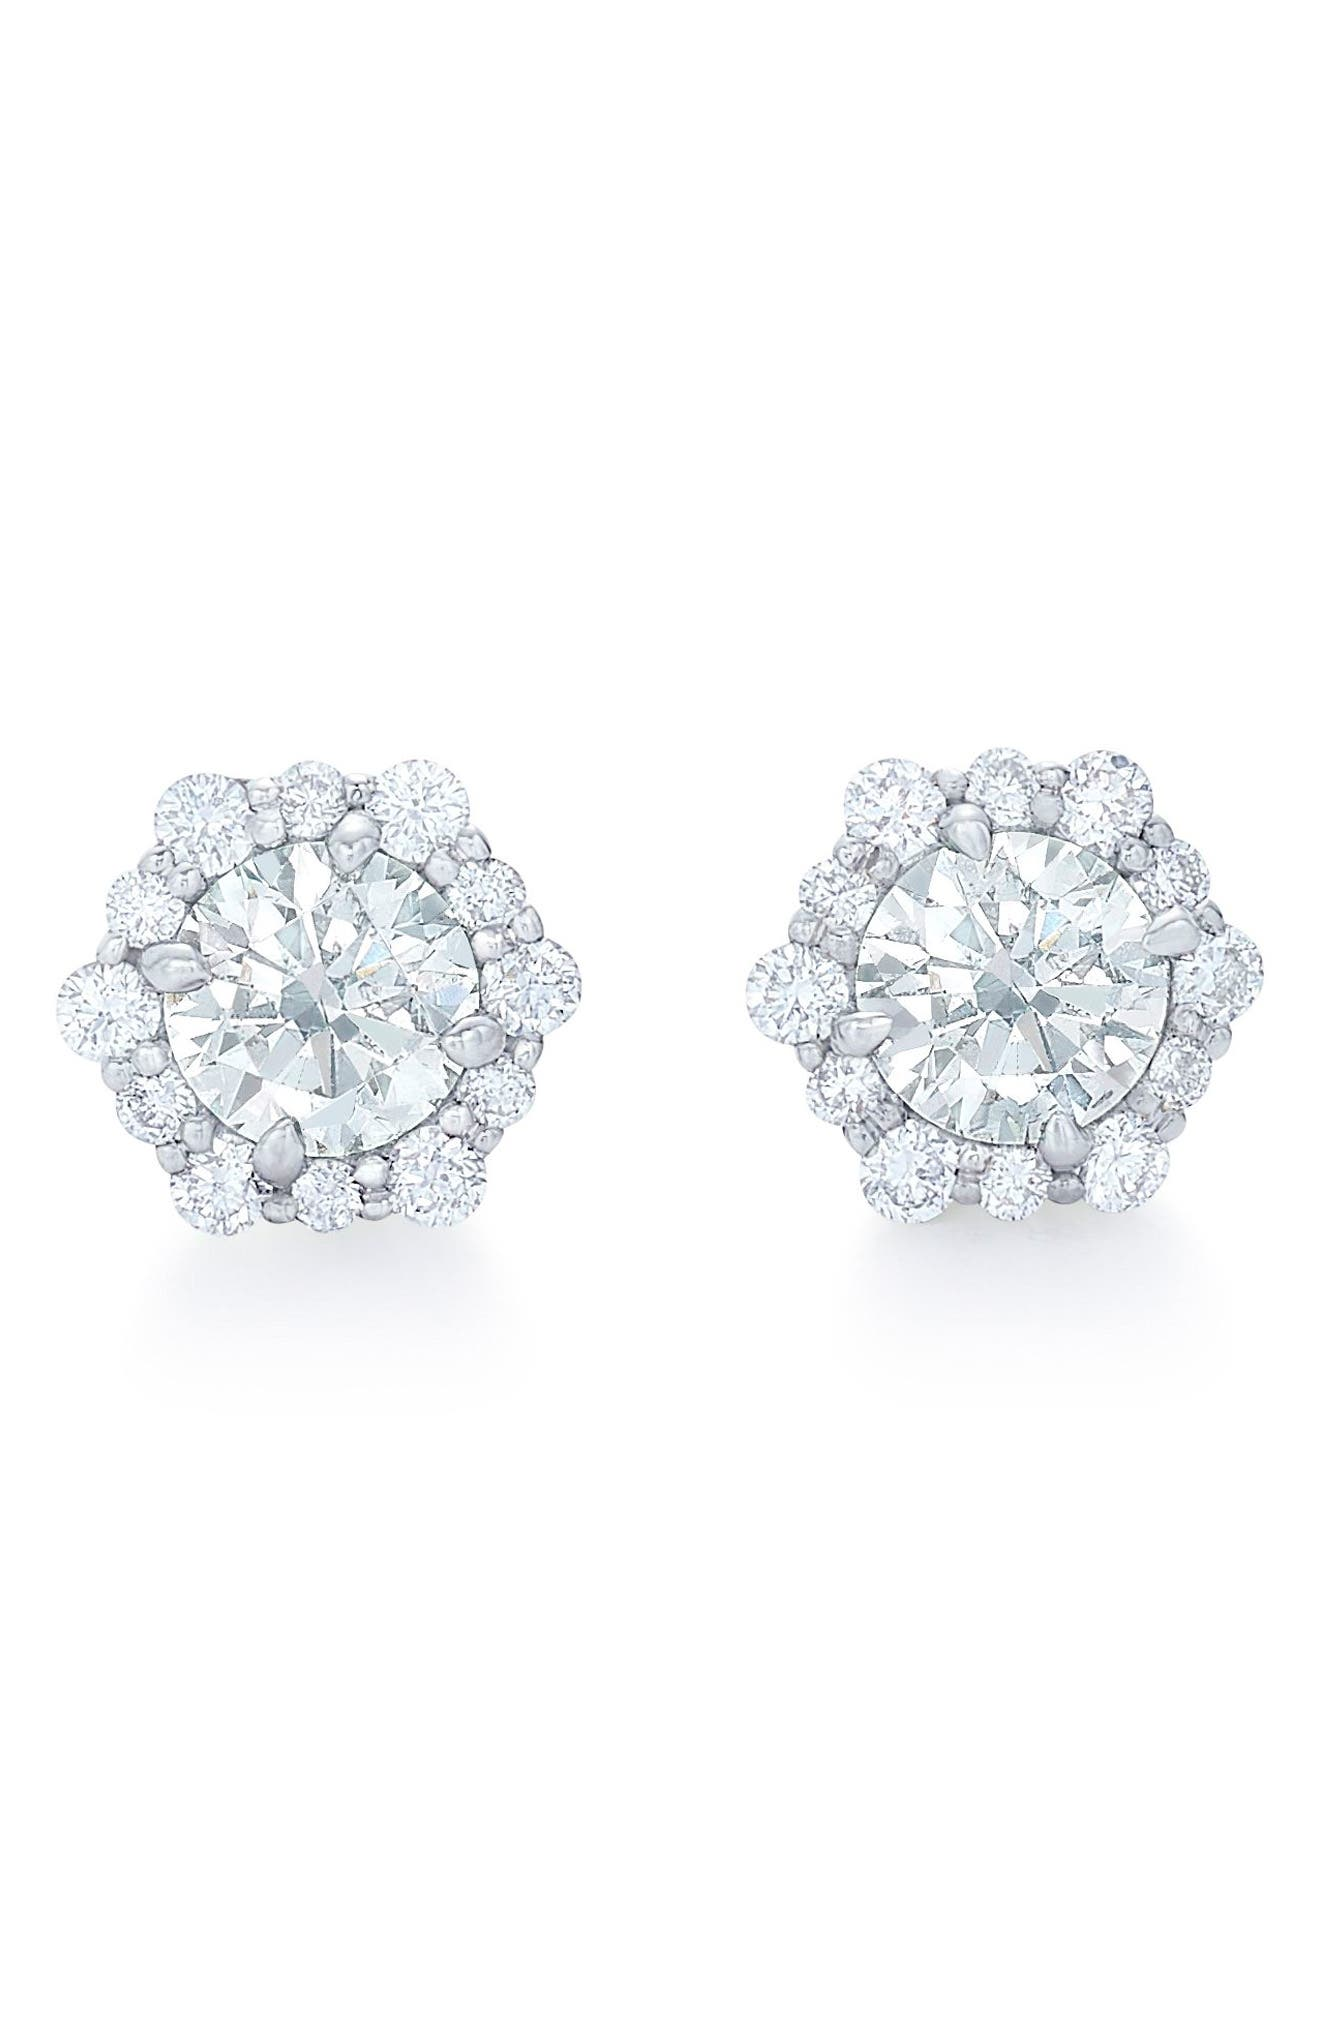 Kwiat Diamond Halo Stud Earrings